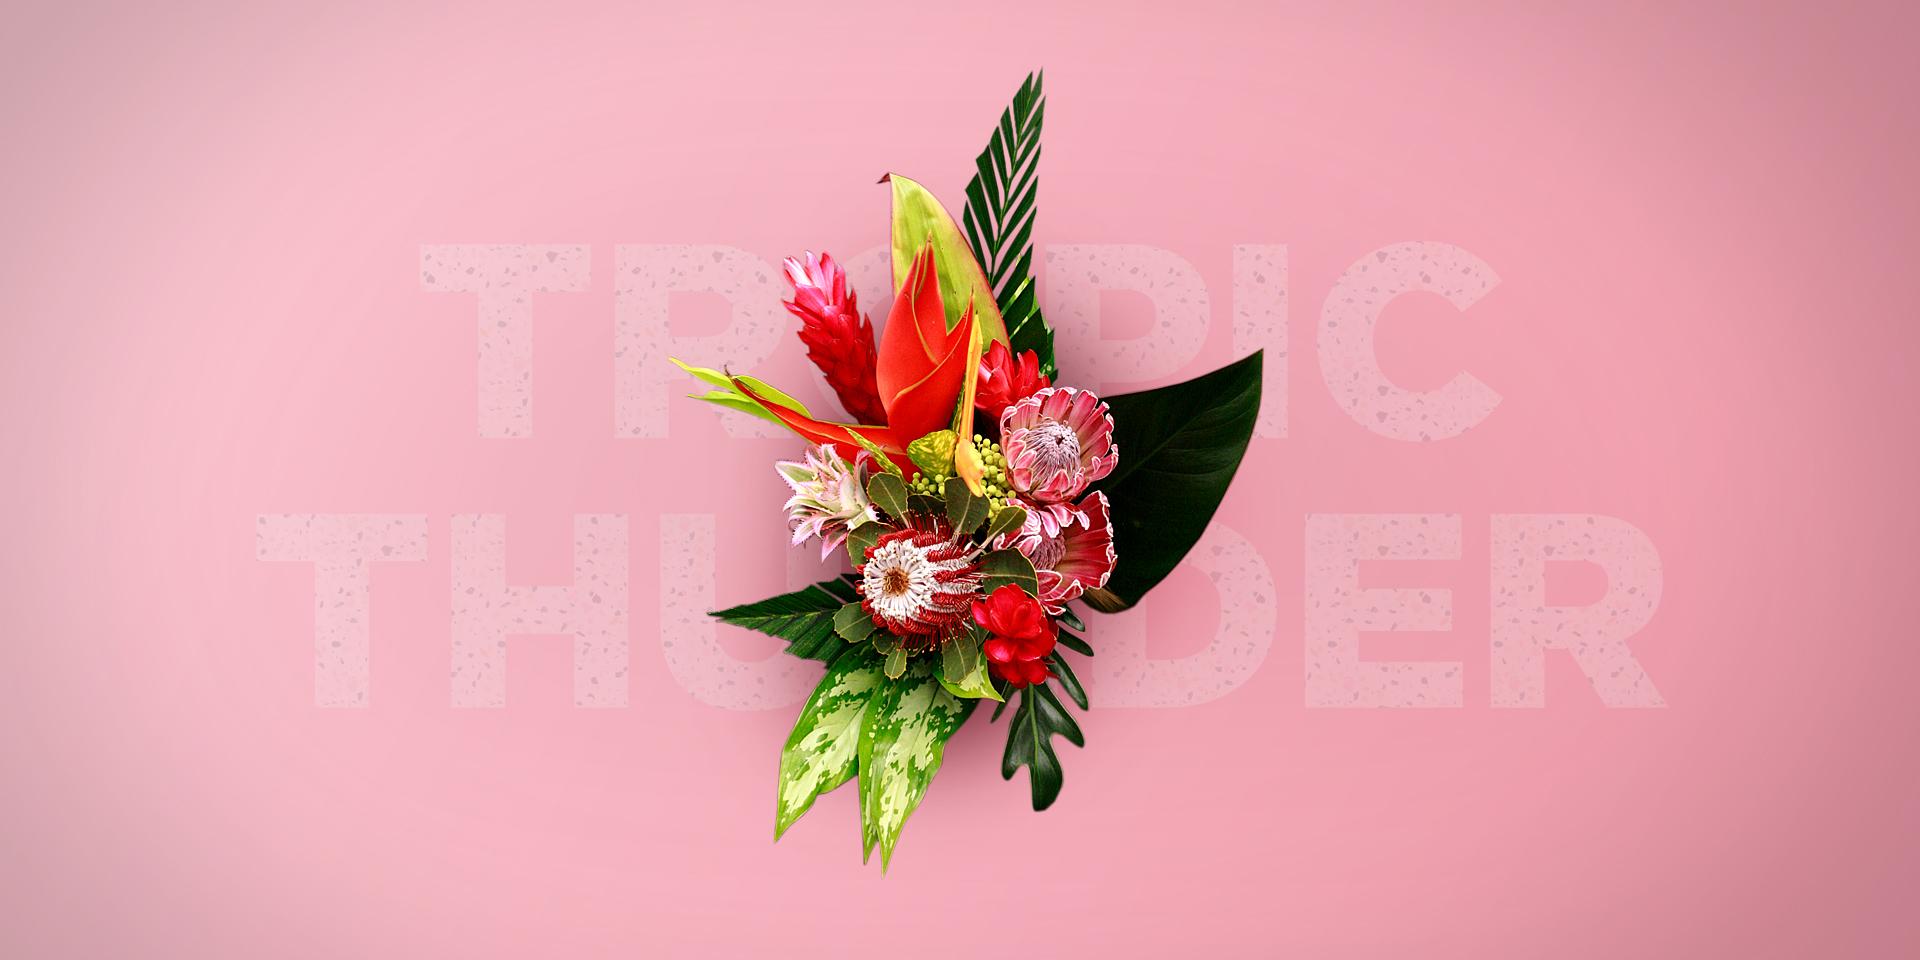 Ram de flors tropical Tropic Thunder per a una nuvia amb heliconia, protea, ananas, safari, brunia, alocasia, philodendron, xanadu, dieffenbachia i ginger red de colors àcids, vermells, grocs, verds pujats, roses i tons taronjes